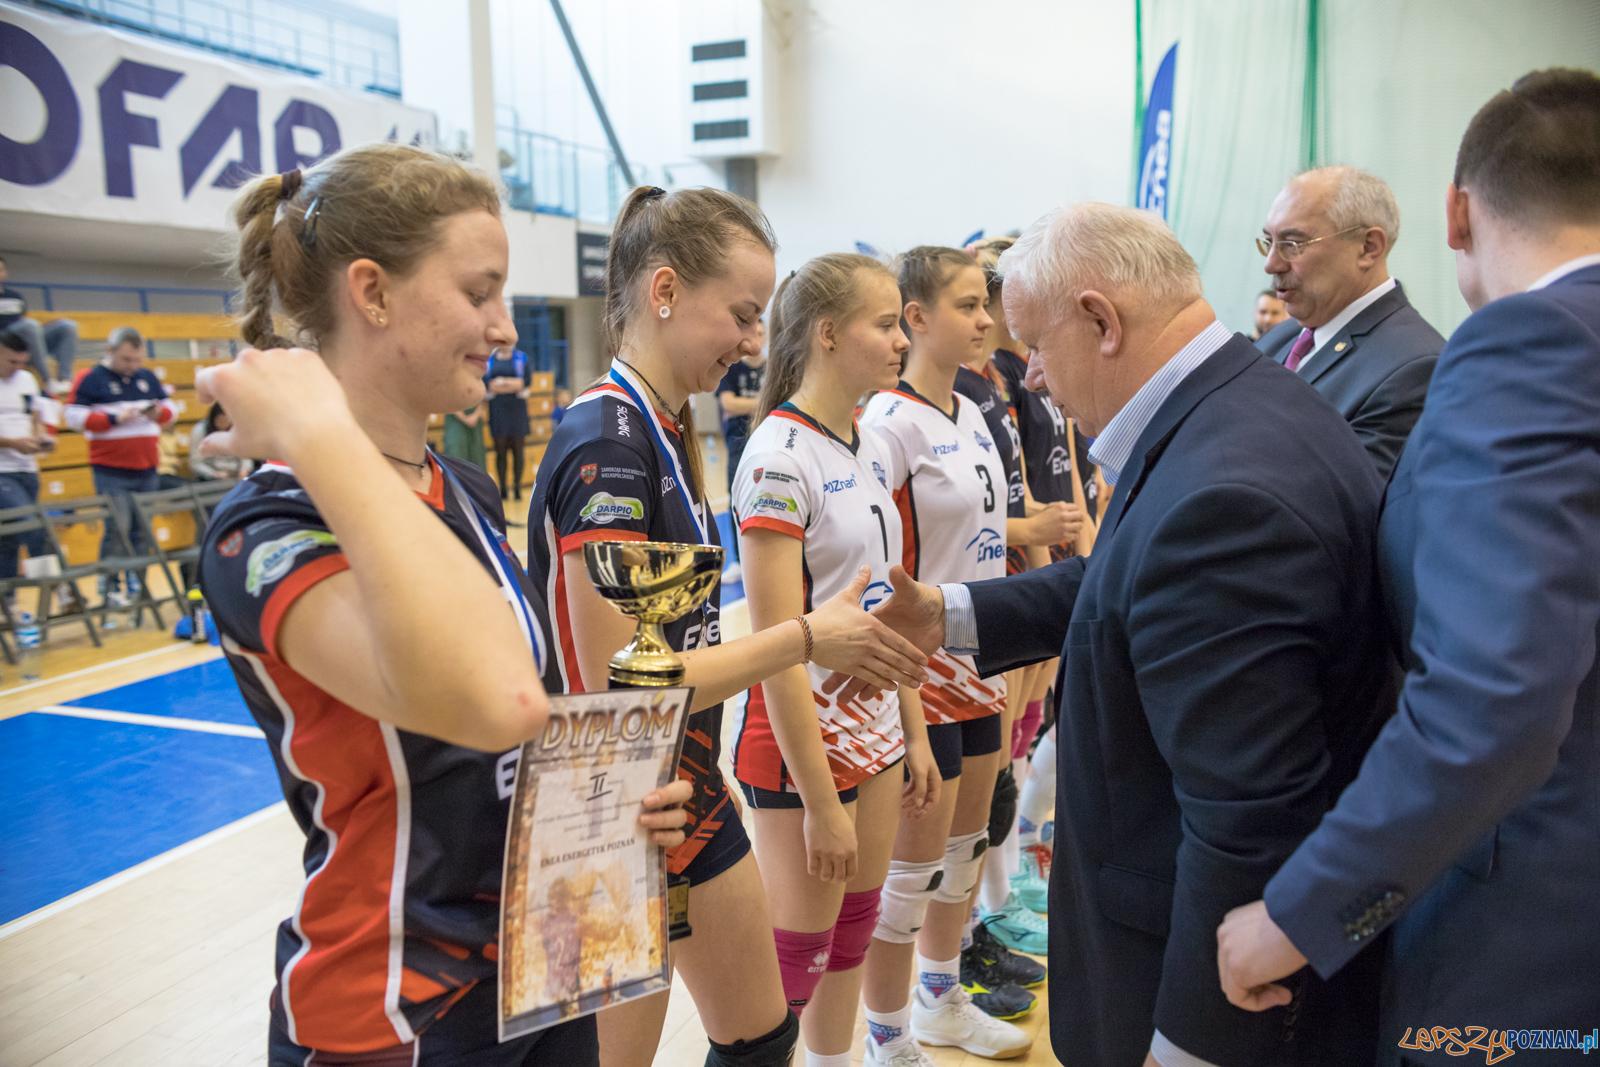 Mistrzostwa Wielkopolski Juniorek - zakończenie rozgrywek i wr  Foto: lepszyPOZNAN.pl/Piotr Rychter